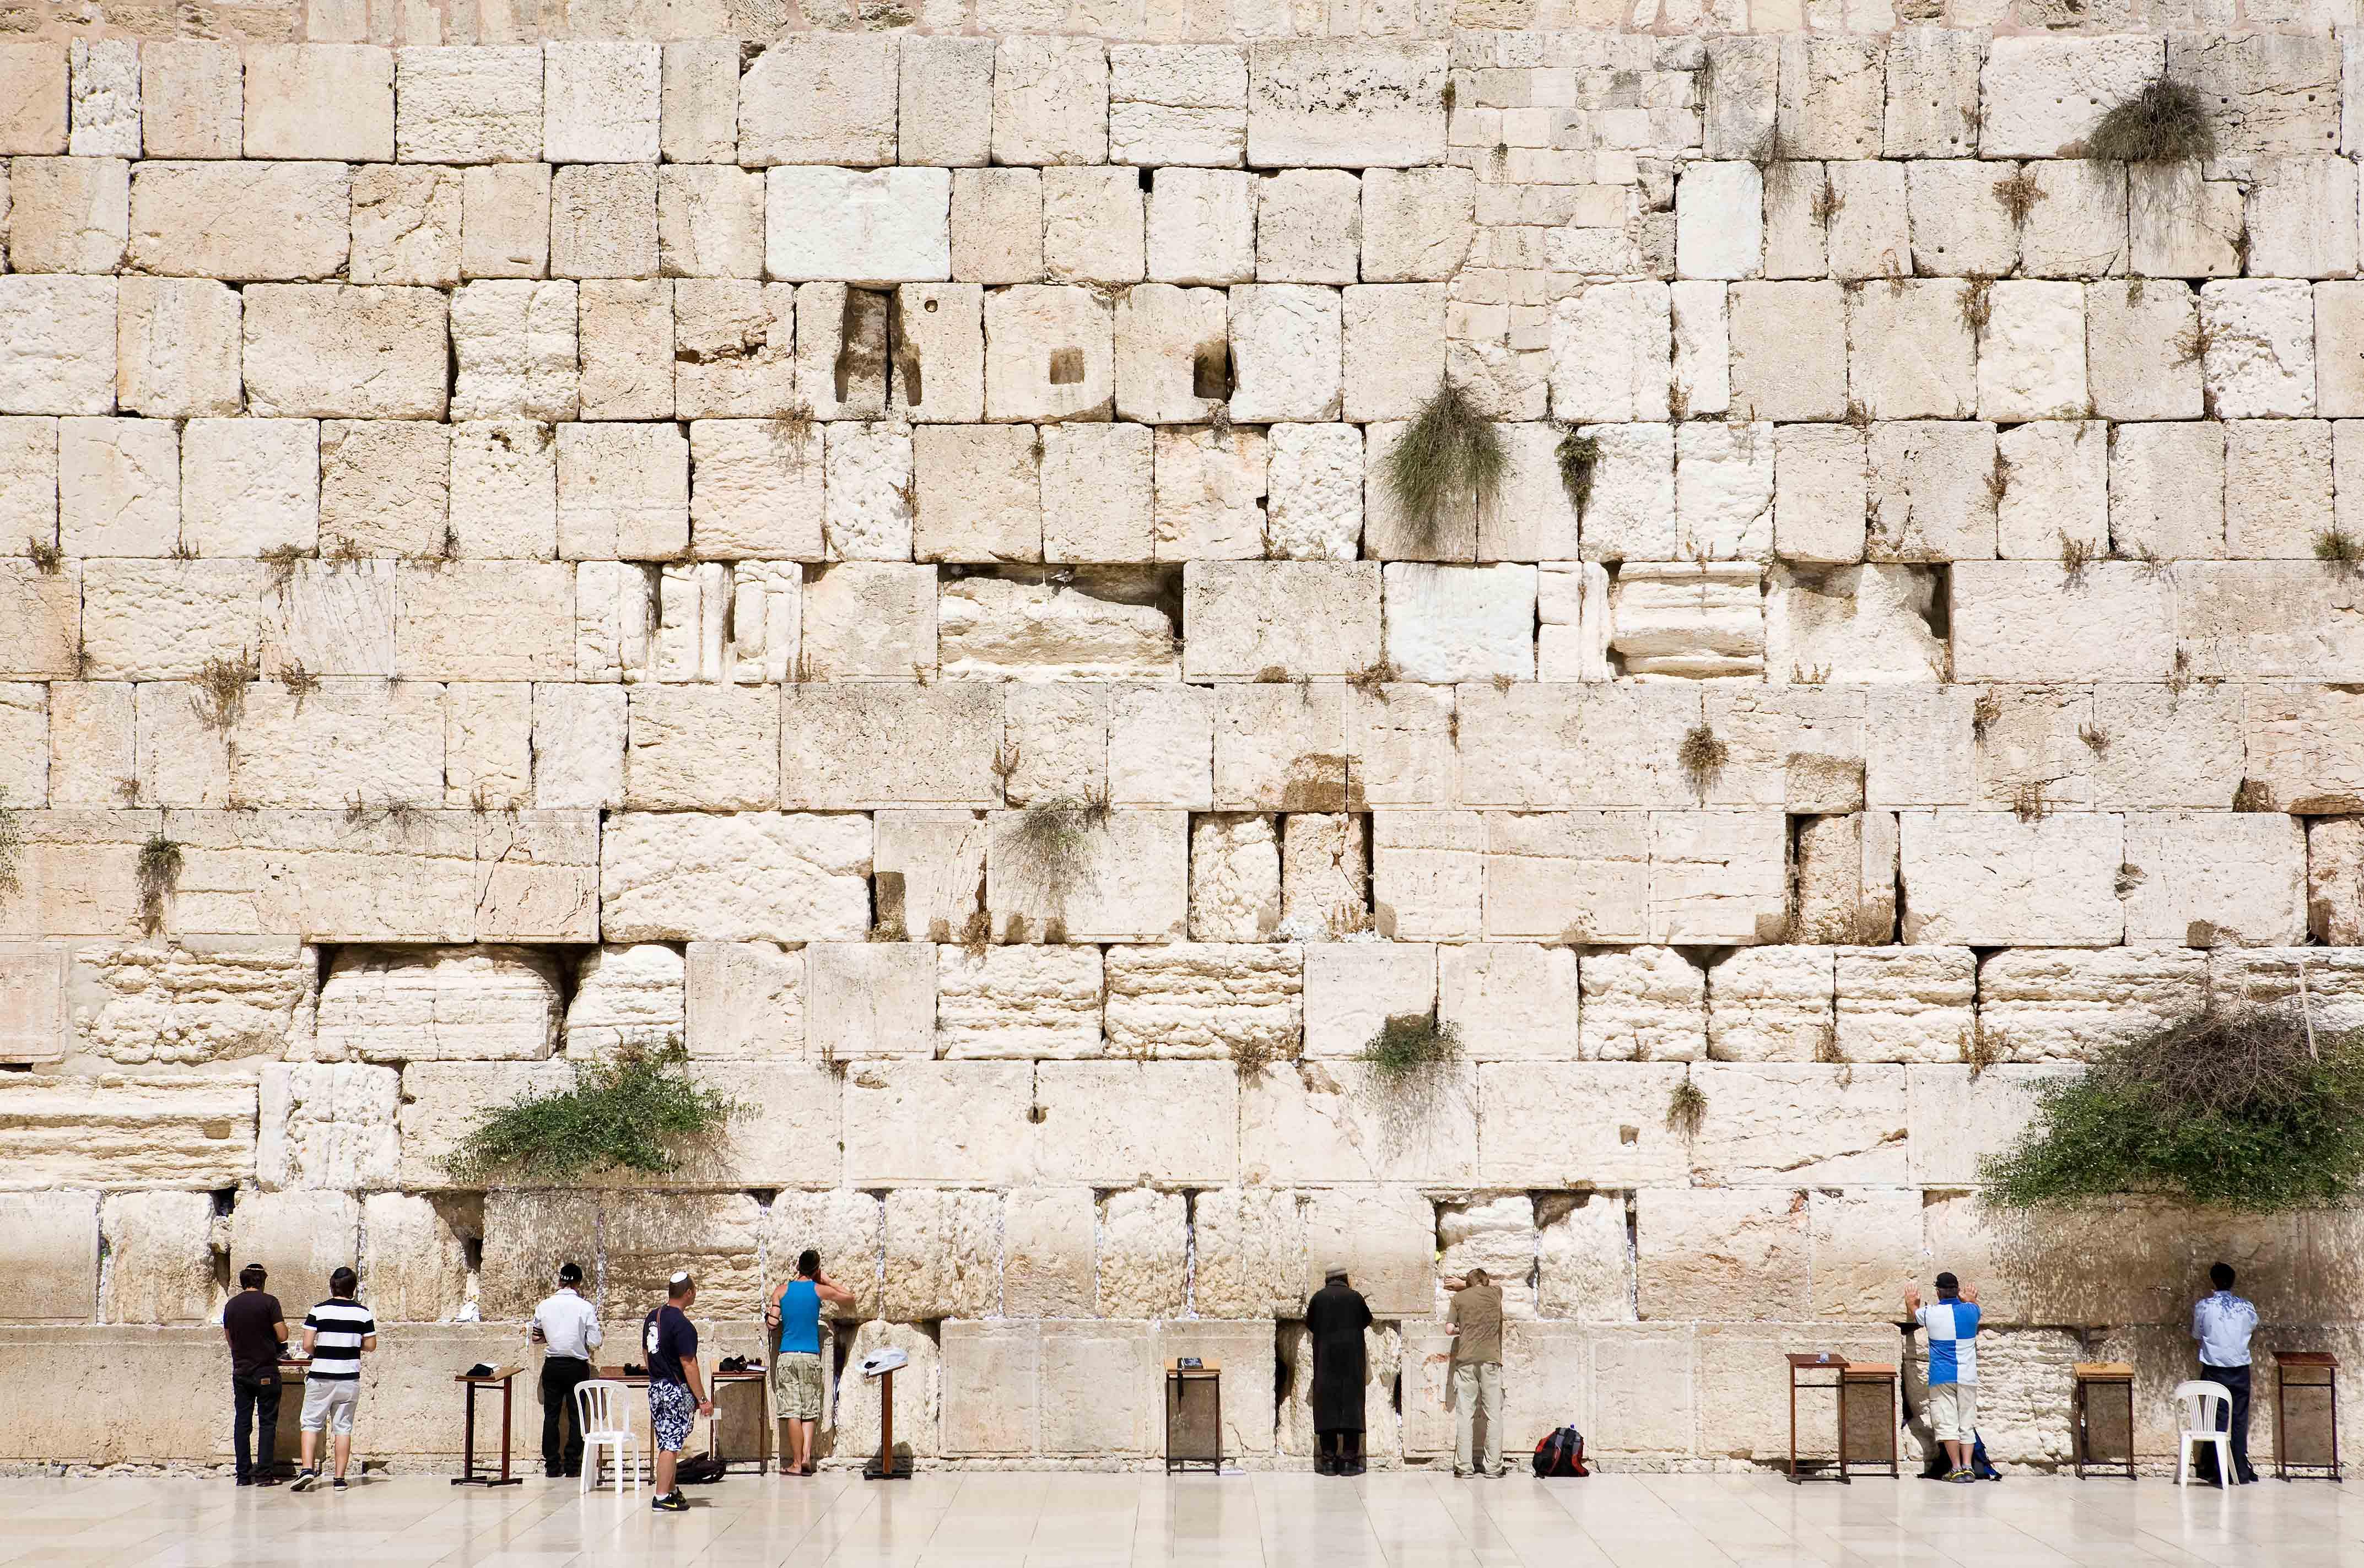 Jordan, Israel & the Palestinian Territories 3